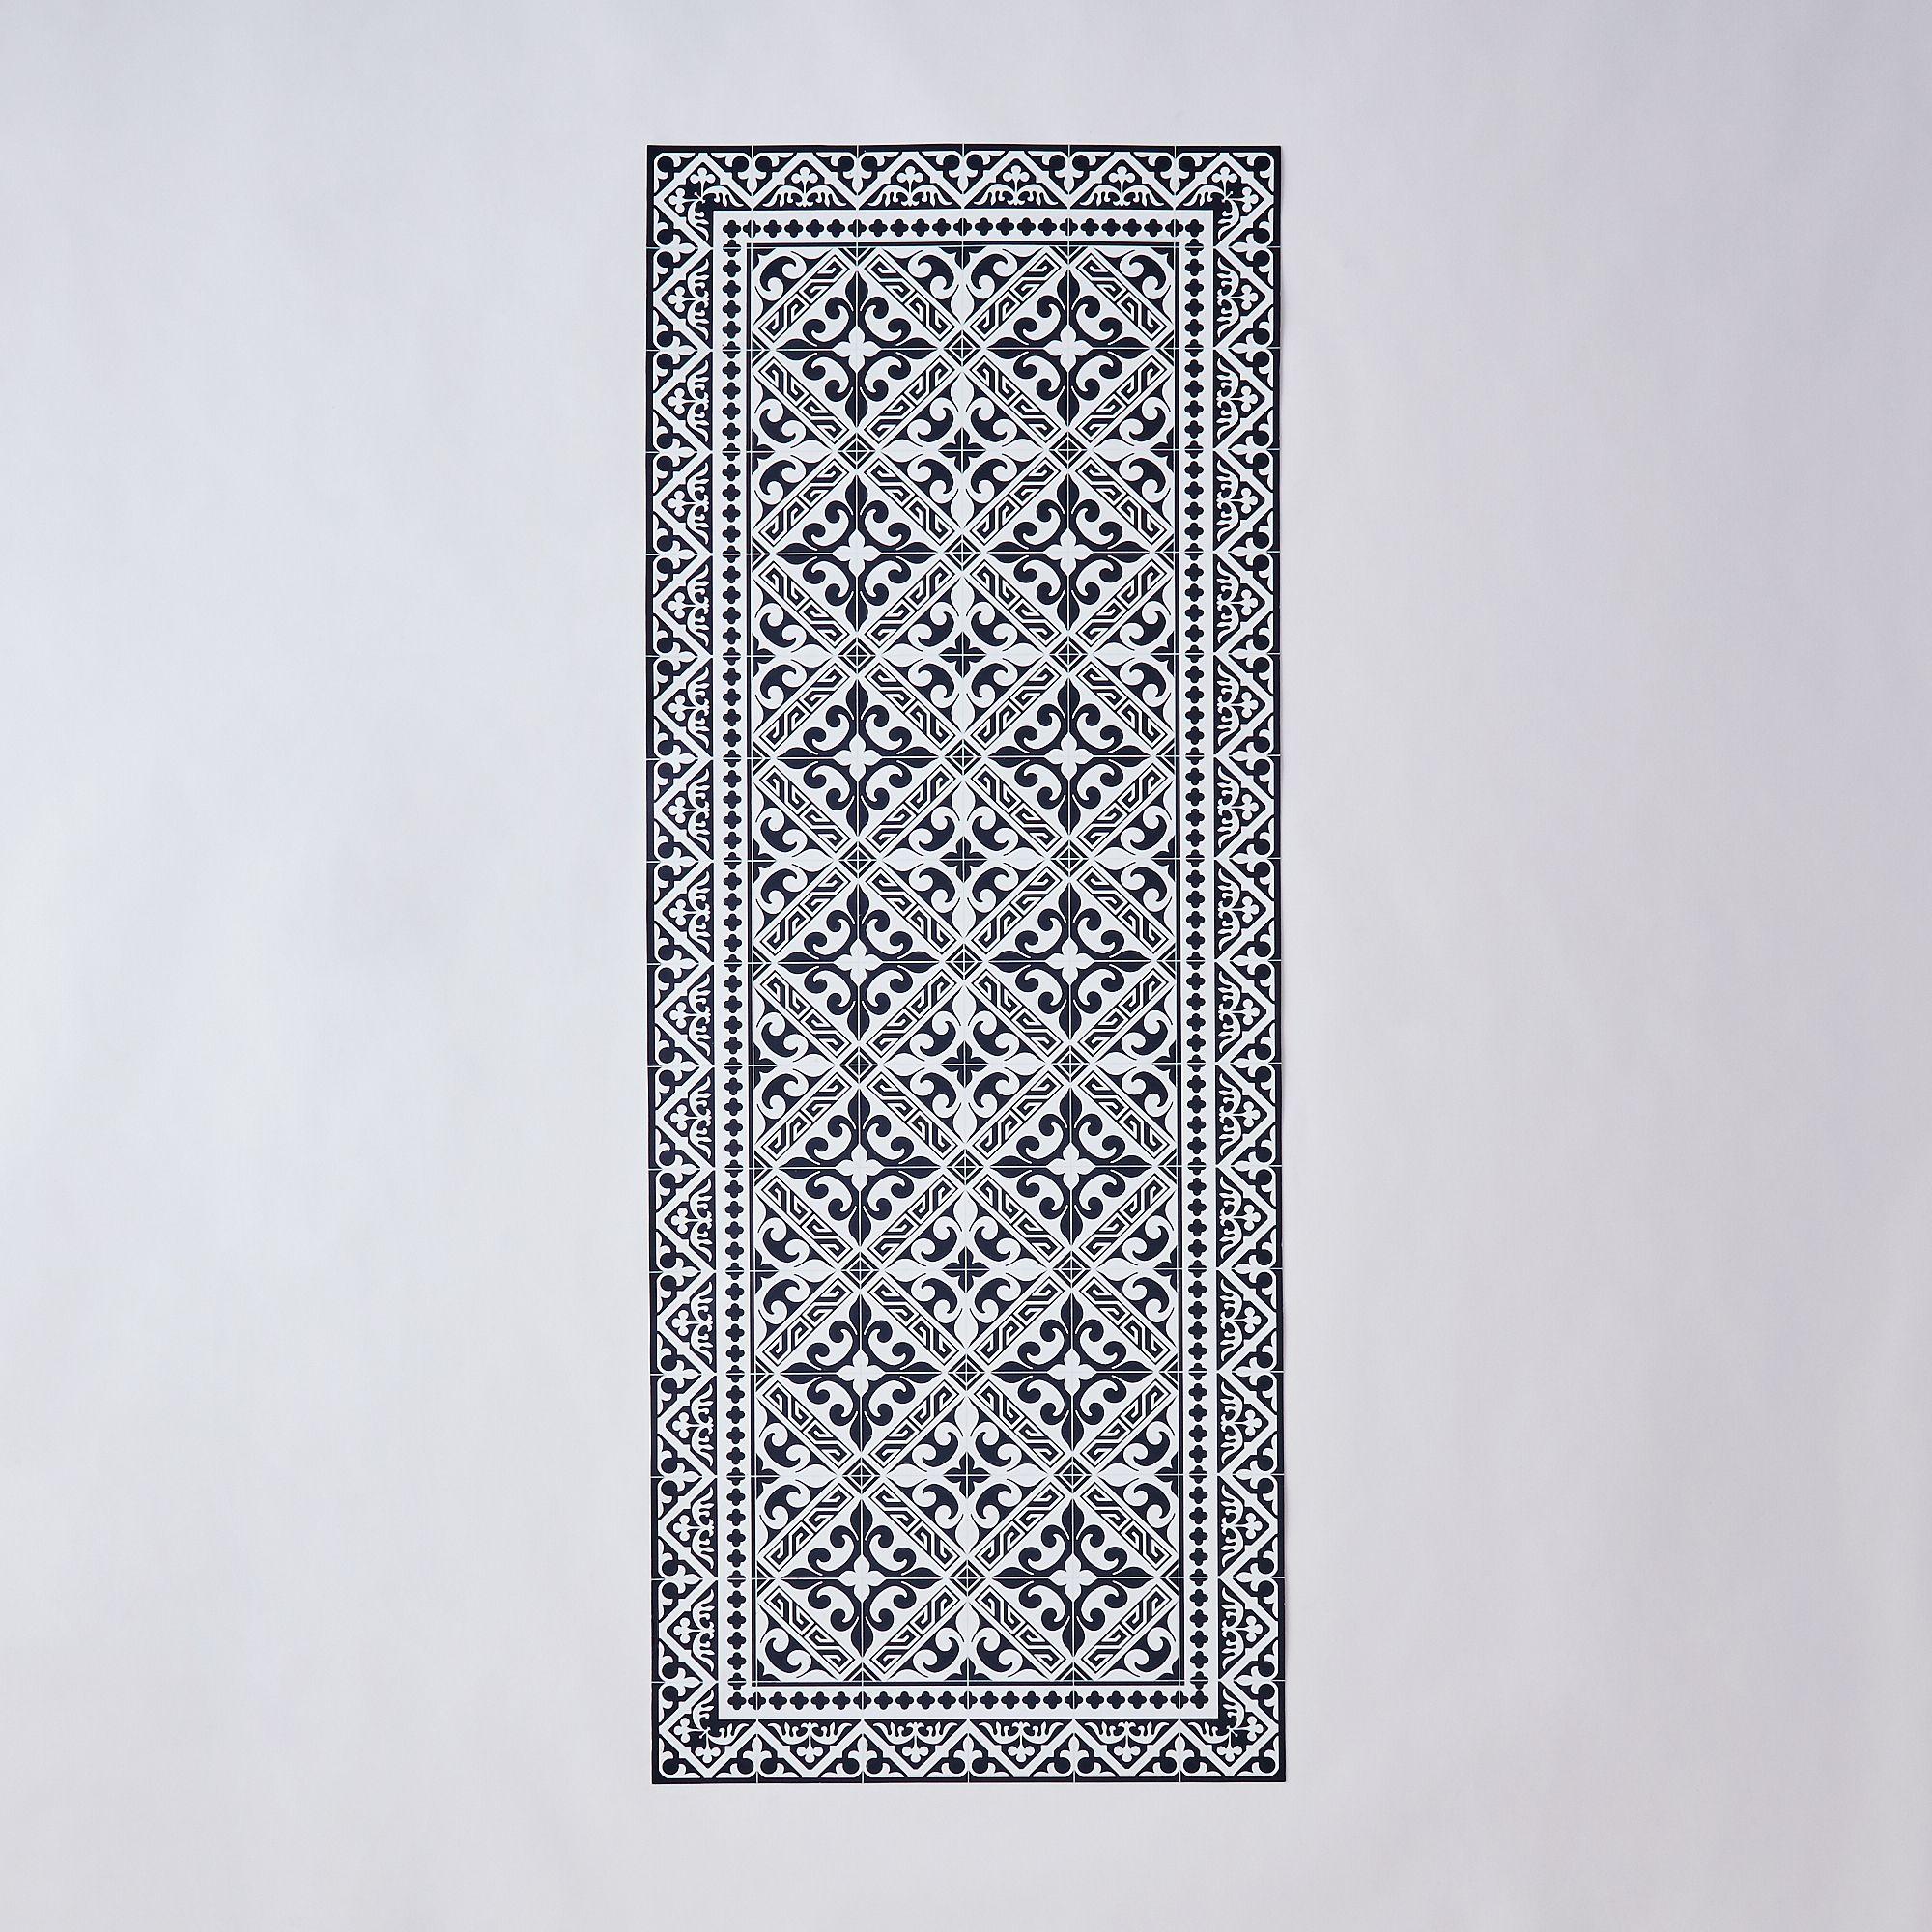 Mediterranean Vinyl Mats - Runner, Black & White